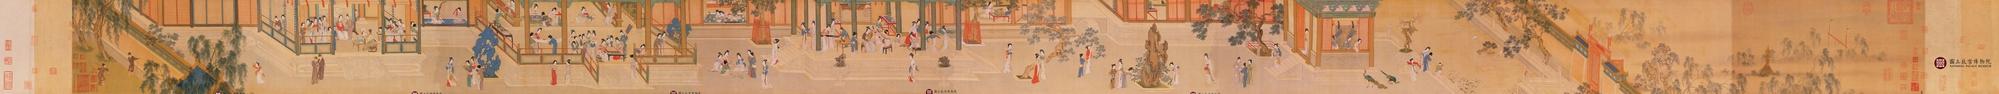 《汉宫春晓图》——仇英 - 艺术鉴赏 - 京龙艺圣